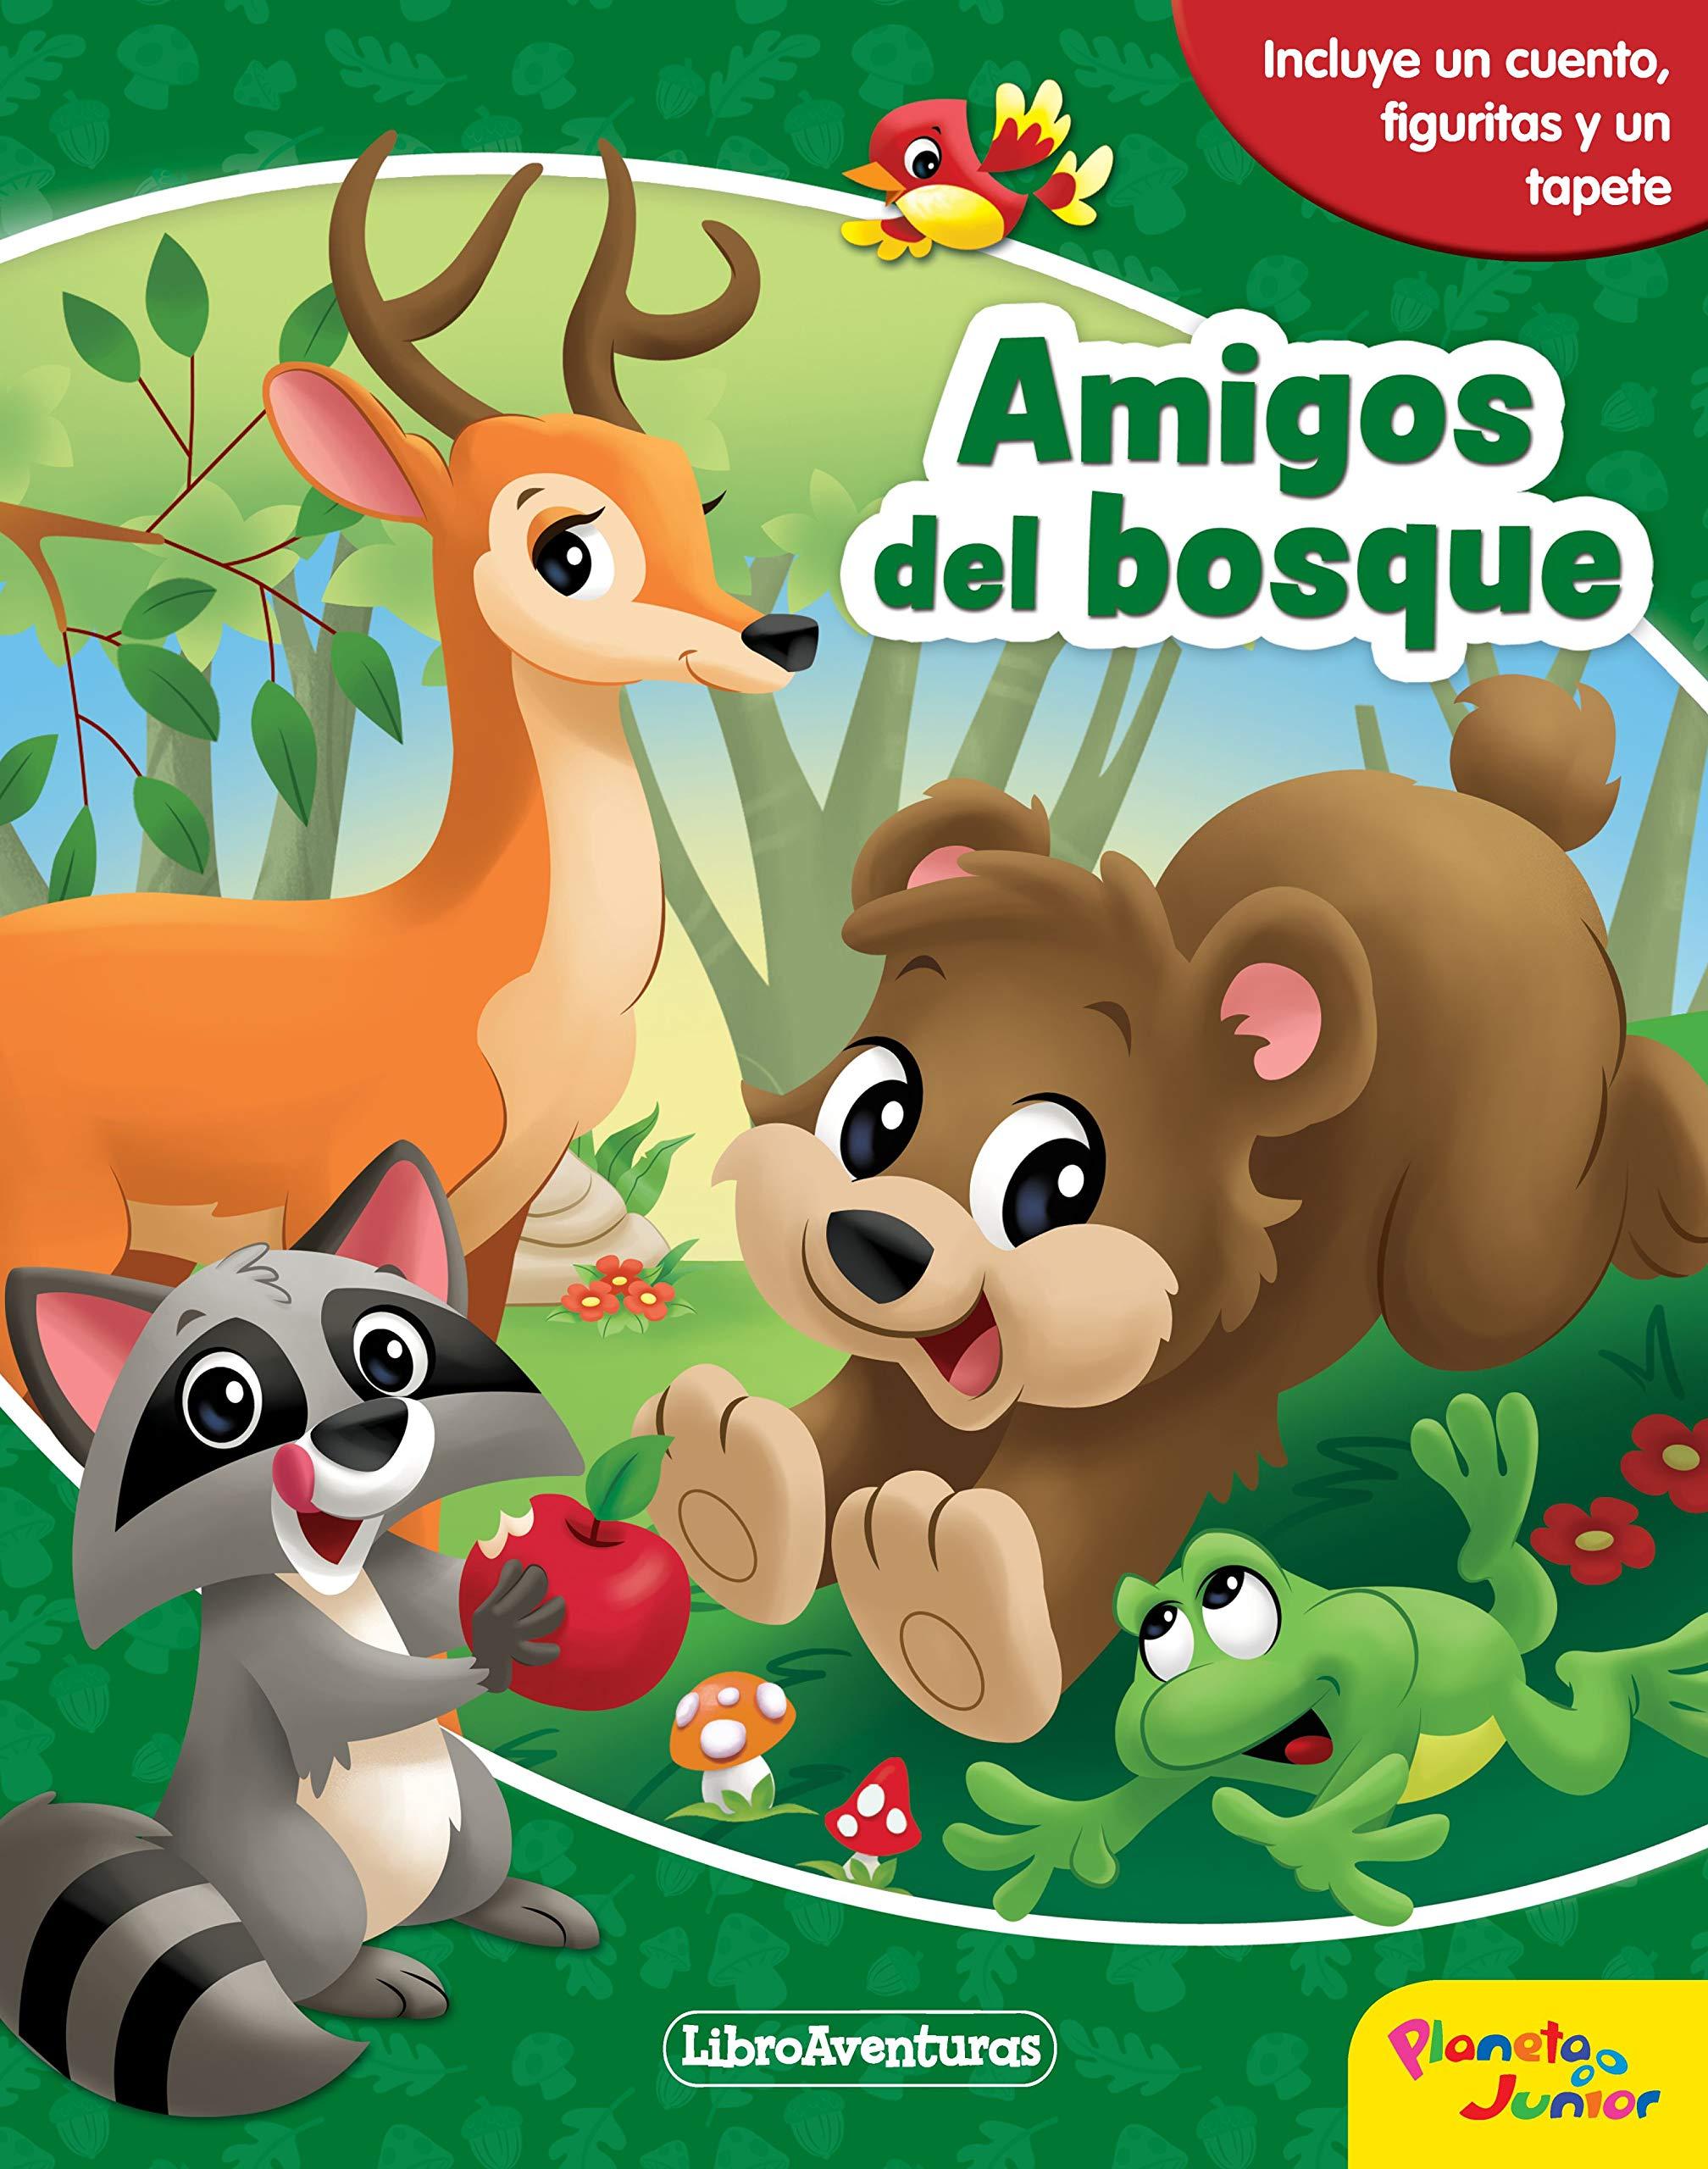 Amigos Del Bosque Libroaventuras Incluye Un Cuento Figuritas Y Un Tapete Aa Vv Editorial Planeta S A Amazon Es Libros